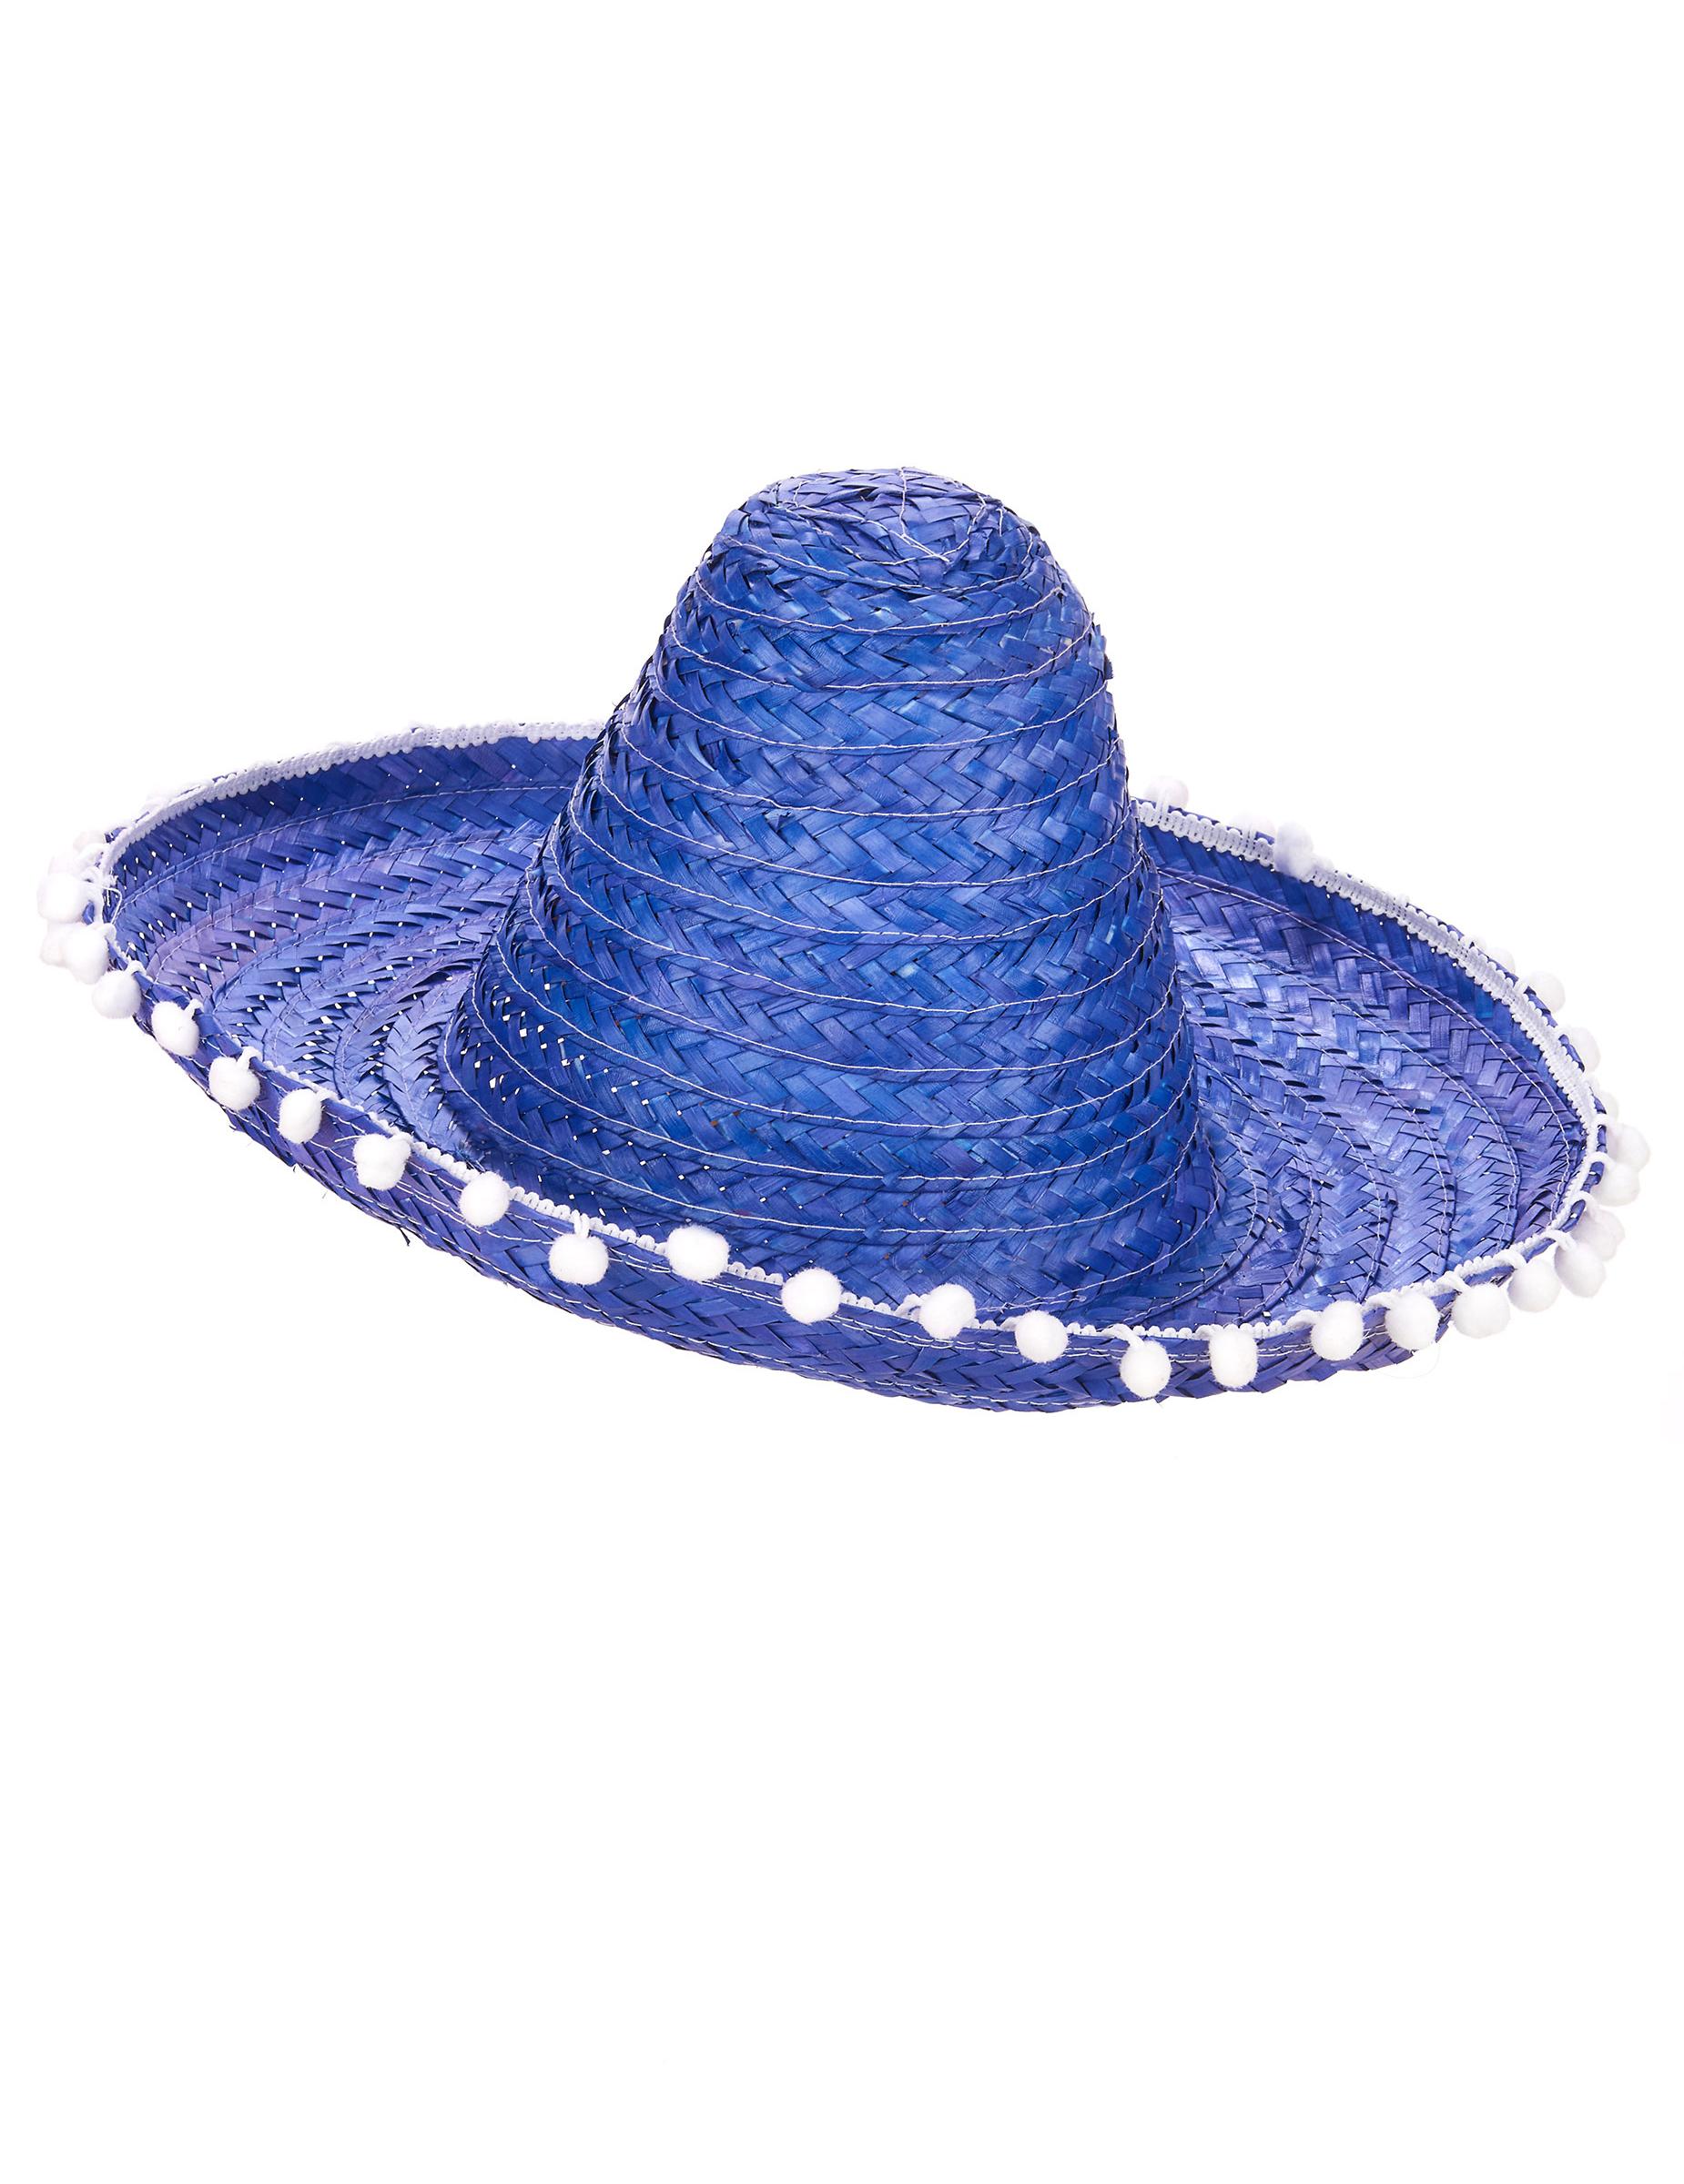 el sombrero bad oeynhausen